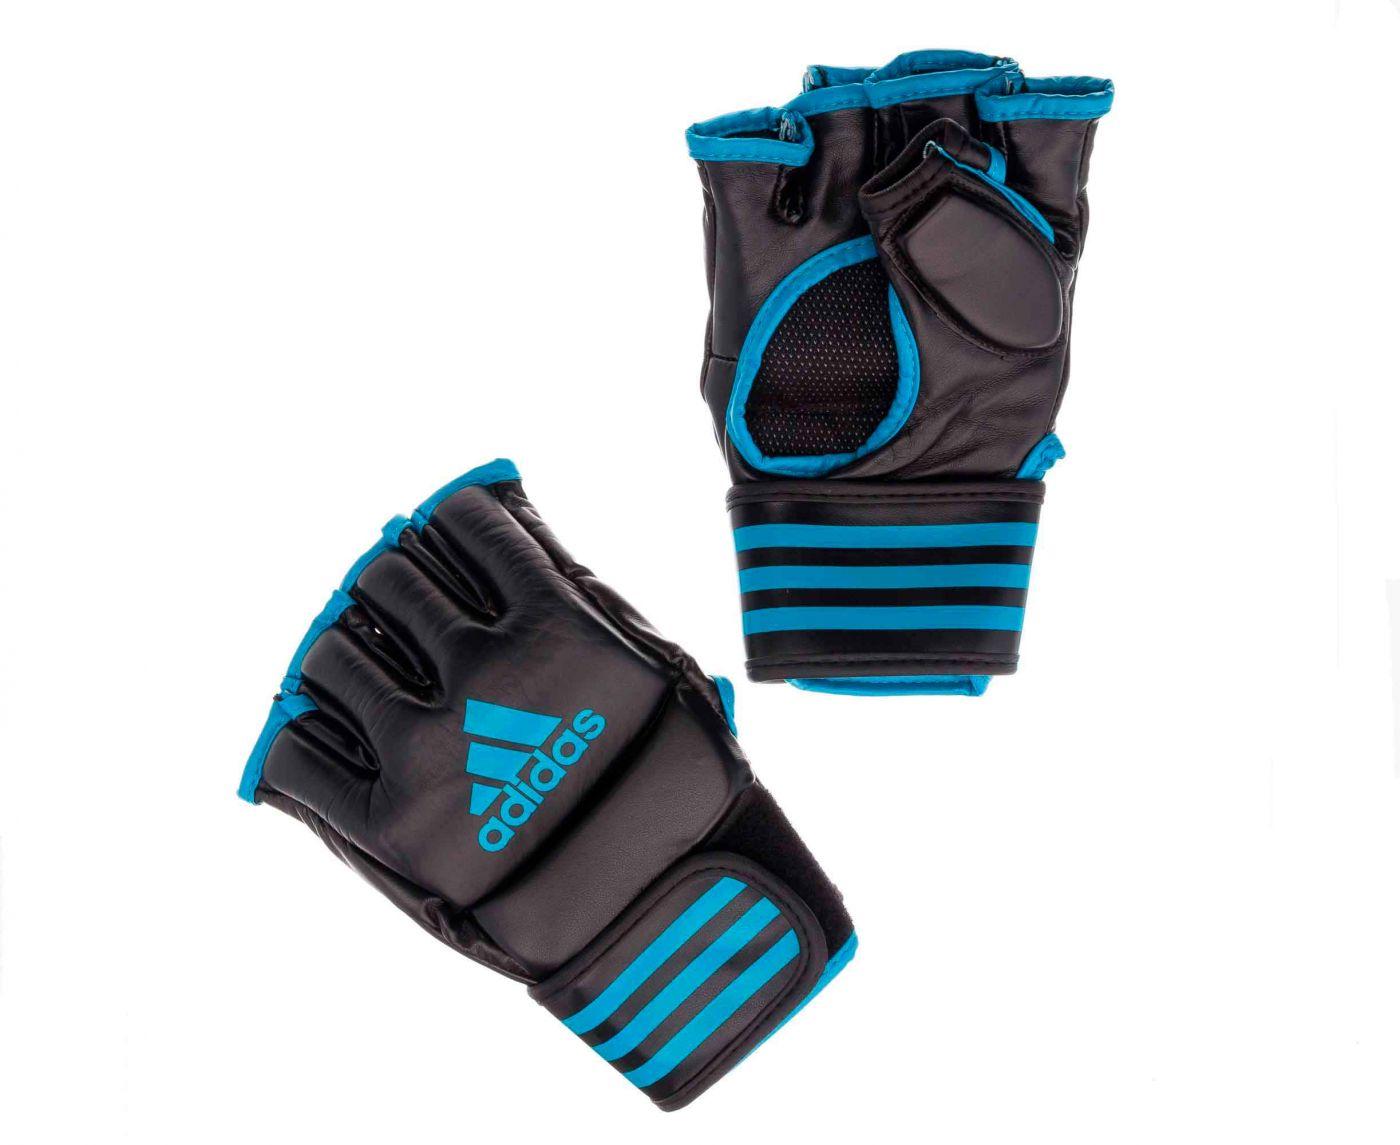 Перчатки для смешанных единоборств Adidas Competition Training чёрно-синие, размер S, артикул adiCSG091